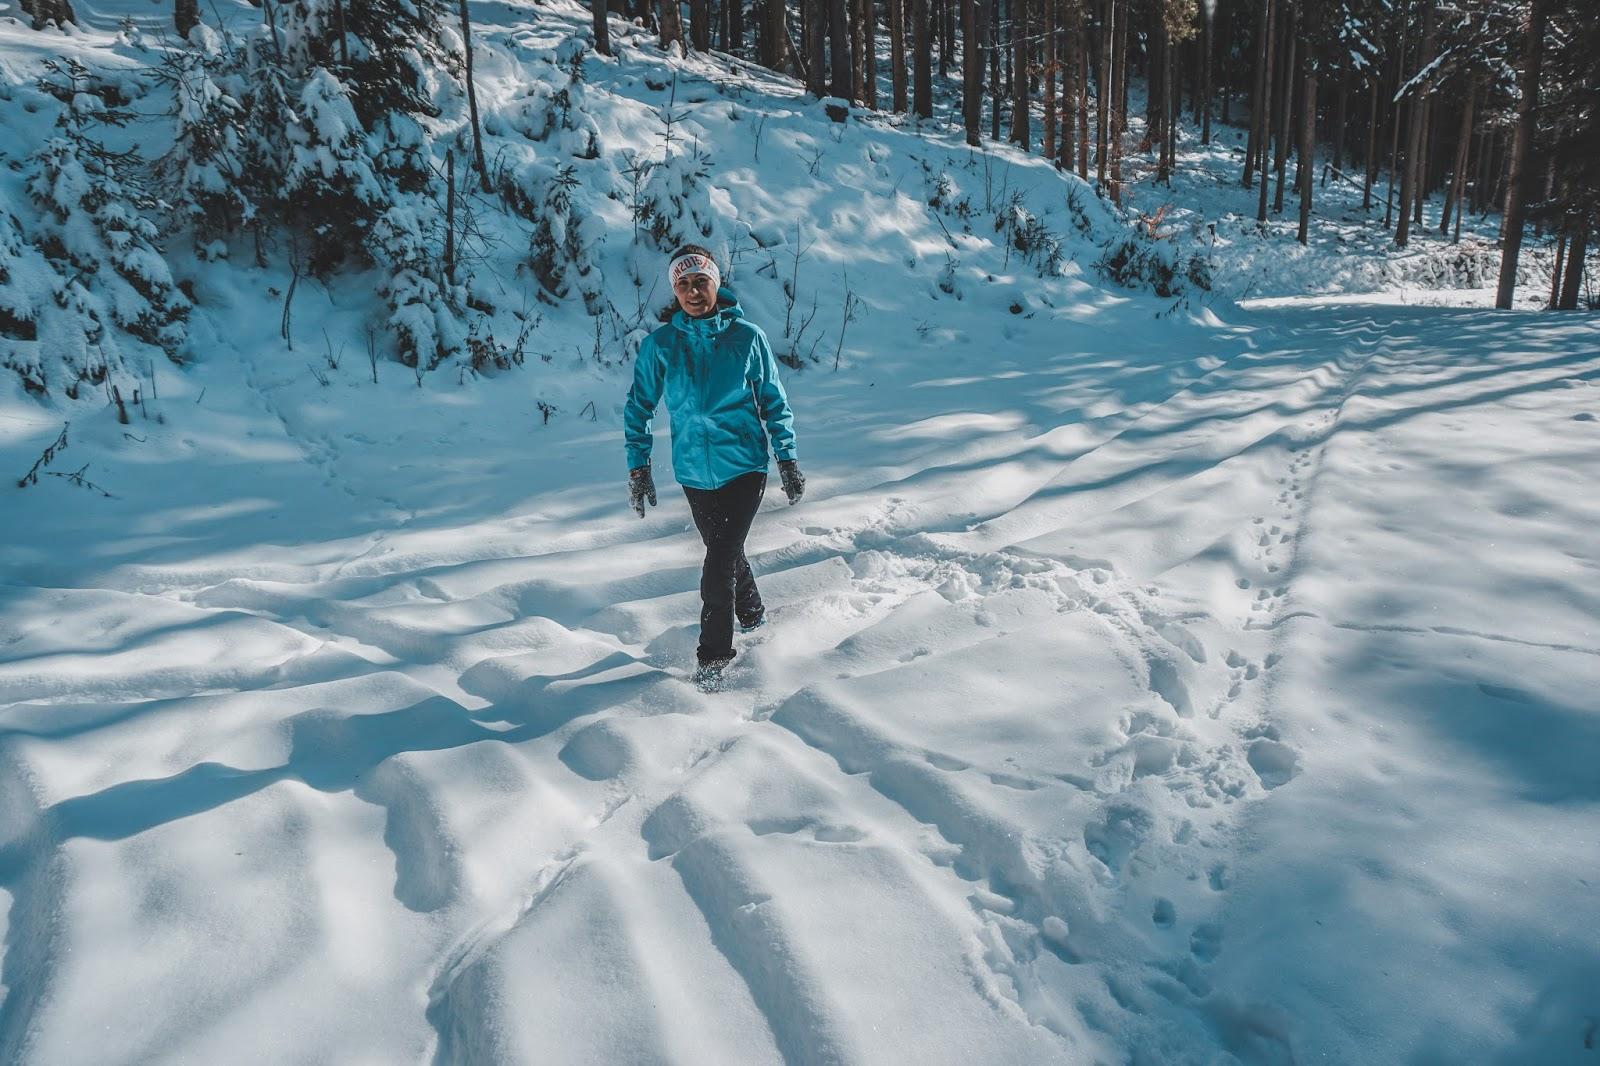 Austria, ubiór w góry, wspinaczka, trekking w górach, ubiór na trekking, jaką kurtkę wybrać w góry, jaką kurtkę hardshell wybrać, blog podróżnicz, jak ubrać się zimą w góry